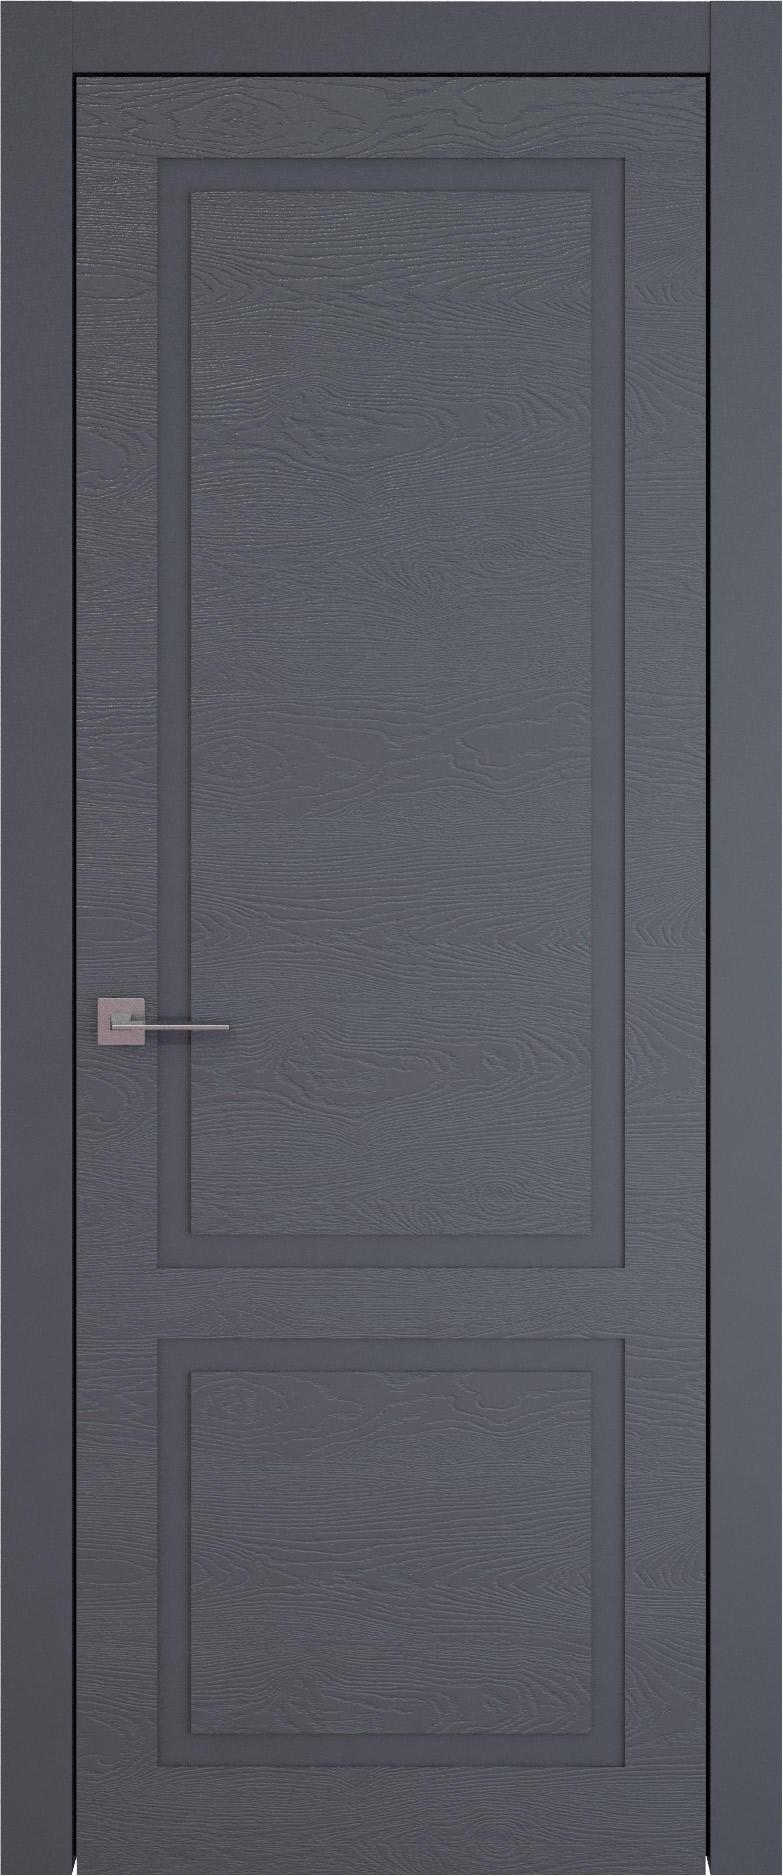 Tivoli И-5 цвет - Графитово-серая эмаль по шпону (RAL 7024) Без стекла (ДГ)